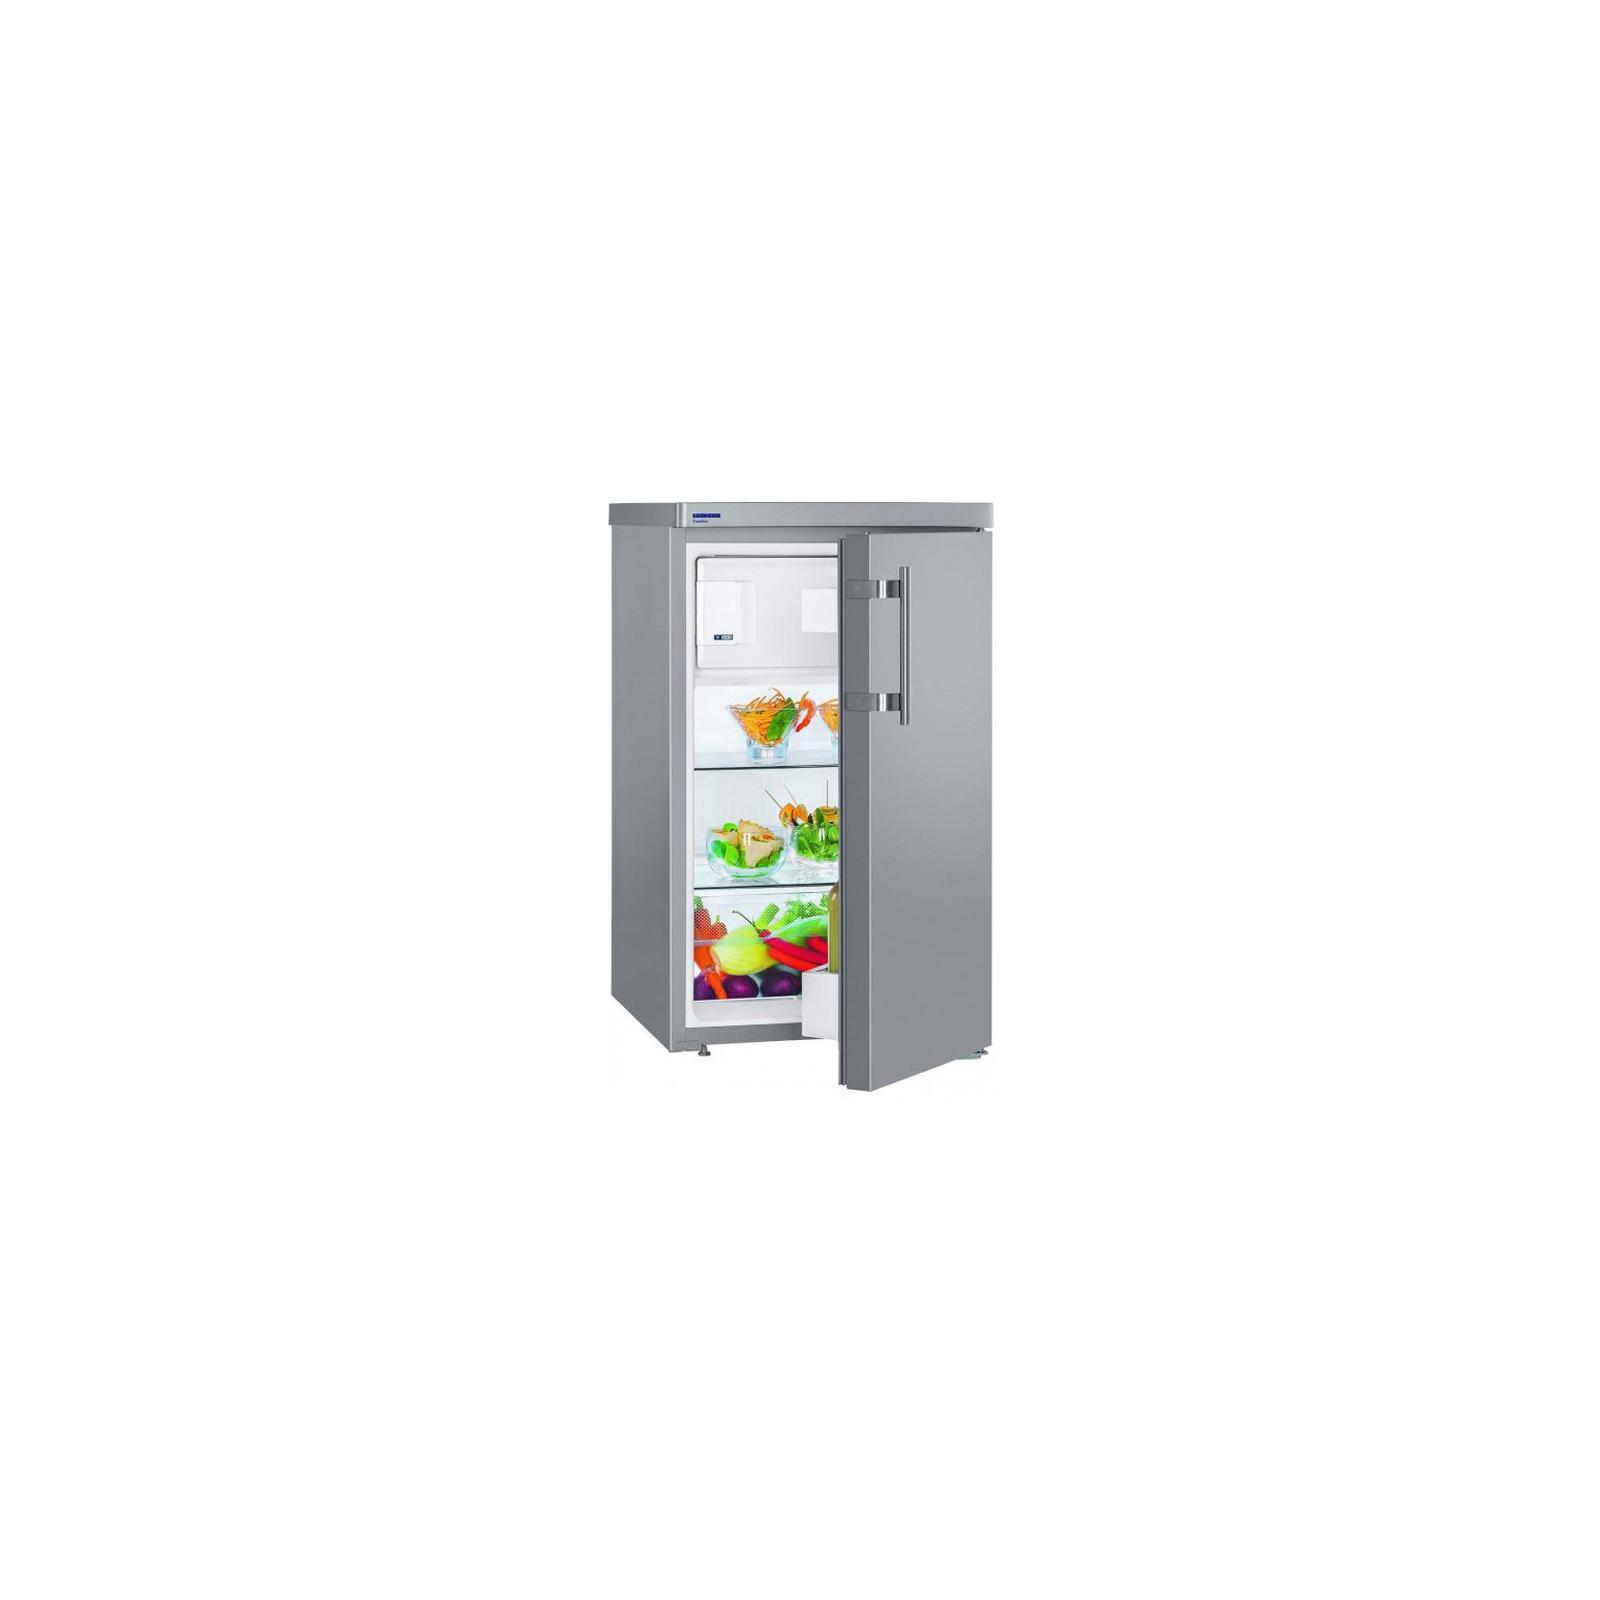 Холодильник Liebherr Tsl 1414 изображение 3